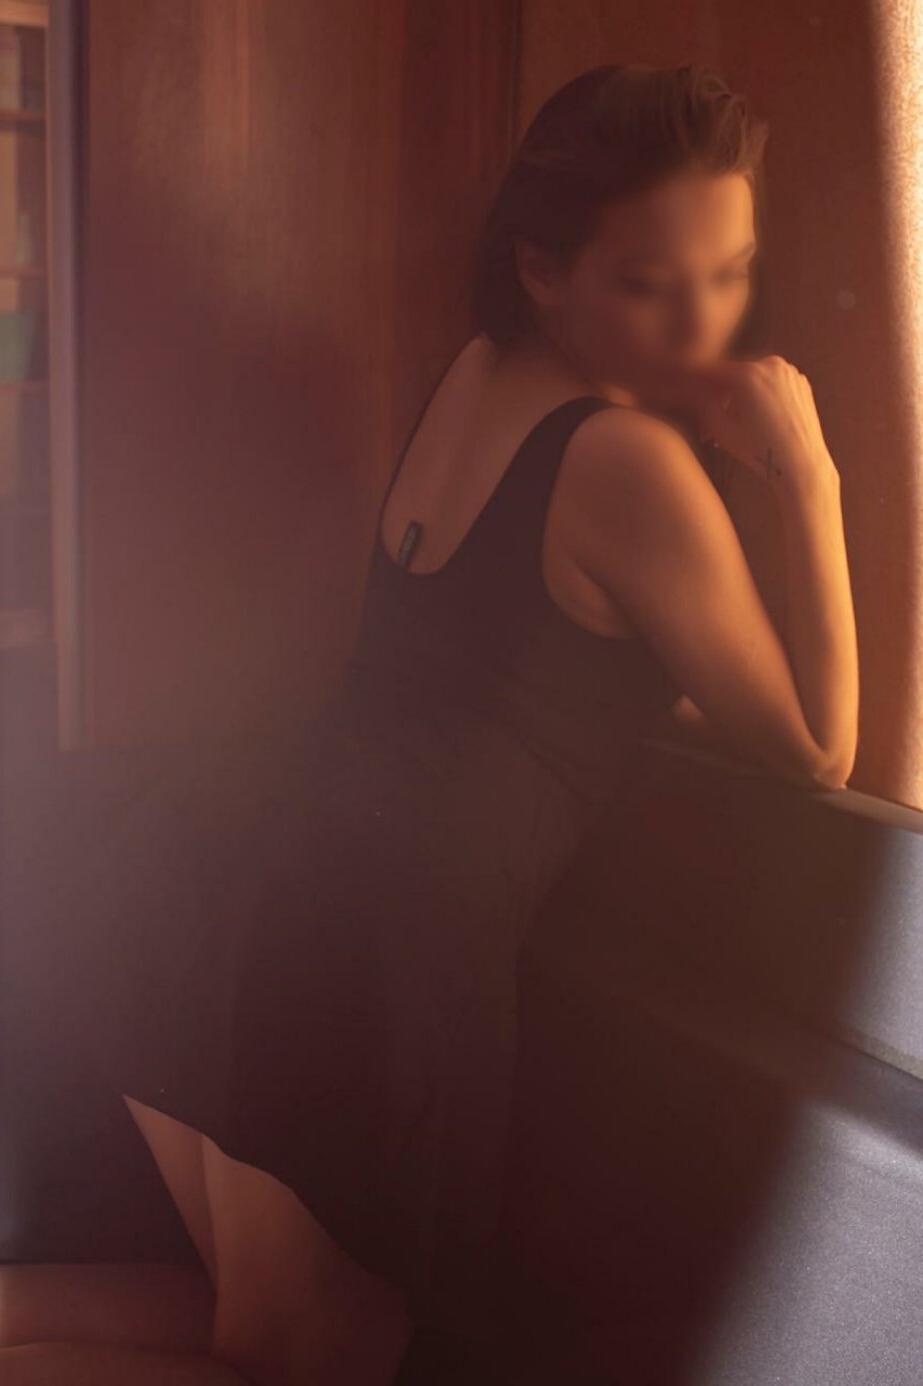 Путана Милана Алиса, 32 года, метро Щукинская